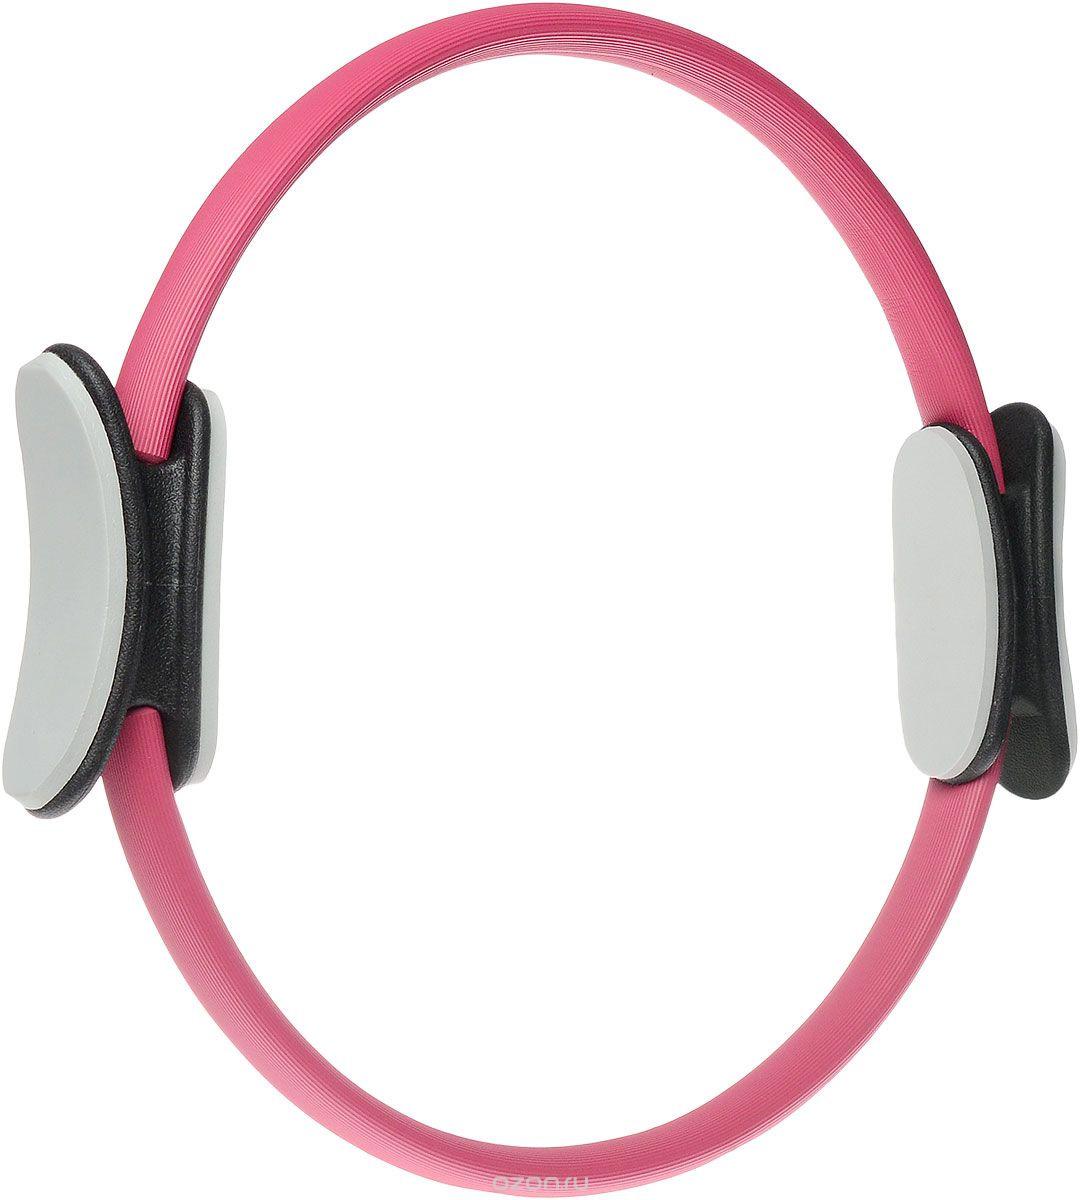 Кольцо для пилатеса Ironmaster Magic, цвет: розовый, серый, диаметр 38 смIR97603Кольцо для пилатеса Ironmaster Magic предназначено для тренировки рук, спины, груди, внутренней и внешней поверхностей бедер, голеней. Рекомендуется использовать вместе с ковриком для упражнений. Кольцо выполнено из легкой и прочной стеклоткани, покрытие - мягкая приятная на ощупь резина. Валики из высококачественного непористого материала. Кольцо подойдет спортсменам любого возраста с любым уровнем подготовки.